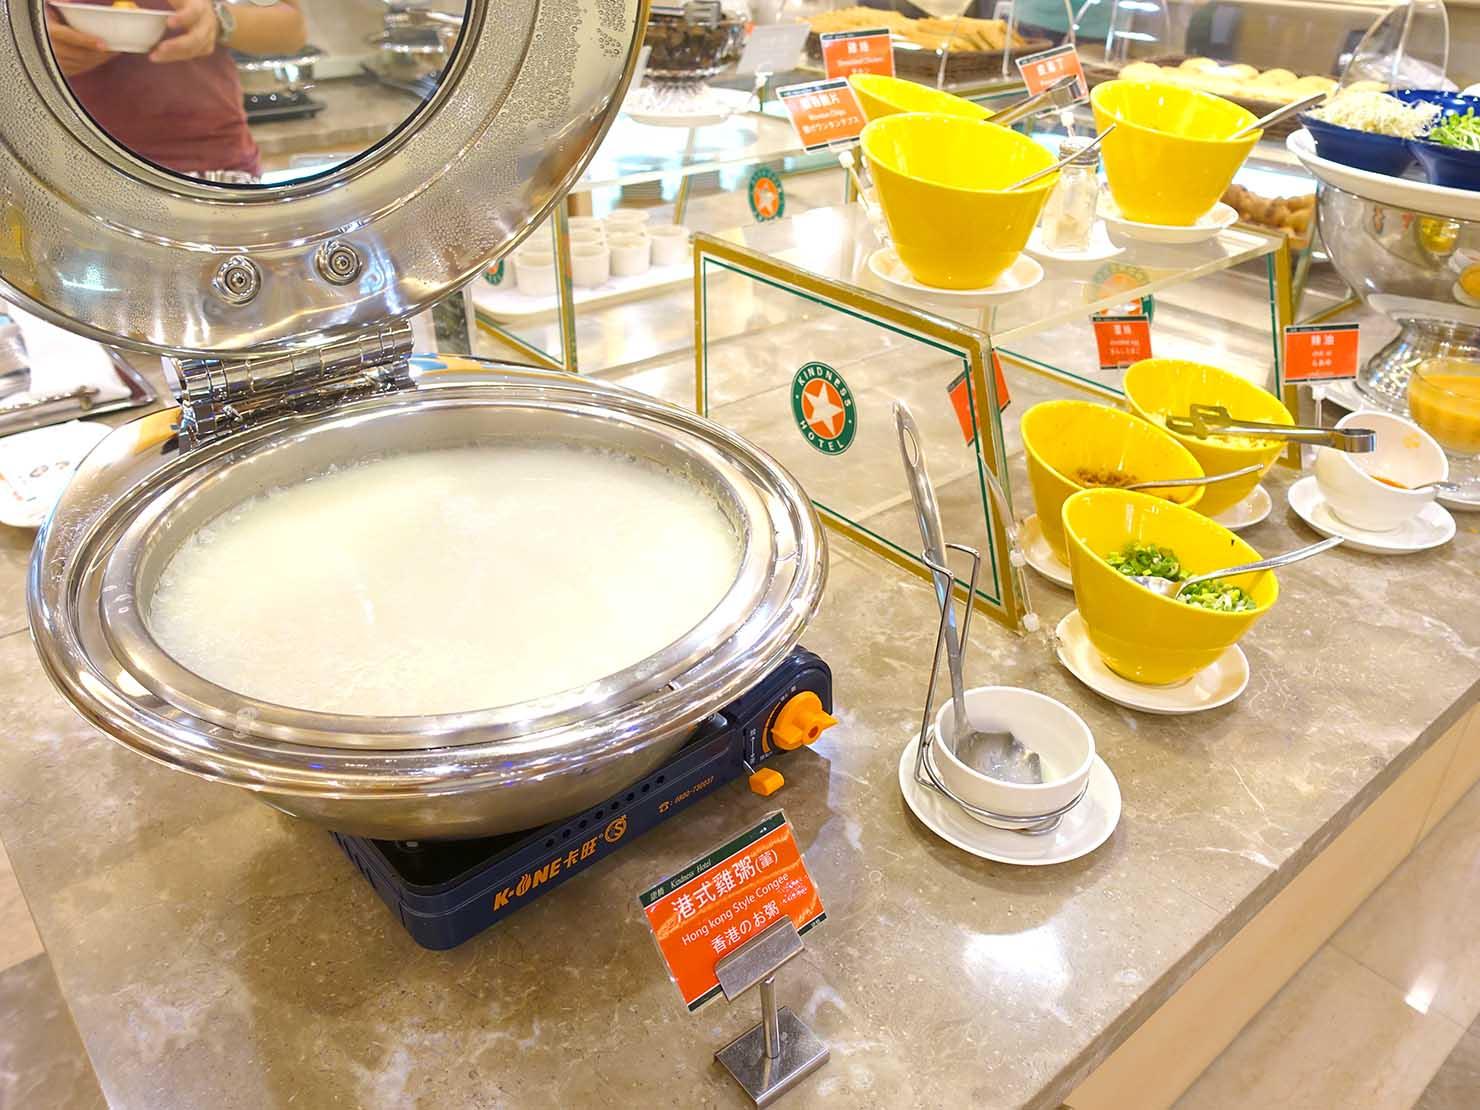 高雄のおすすめチェーンホテル「康橋商旅 Kindness Hotel(漢神館)」朝食ビュッフェのおかゆ